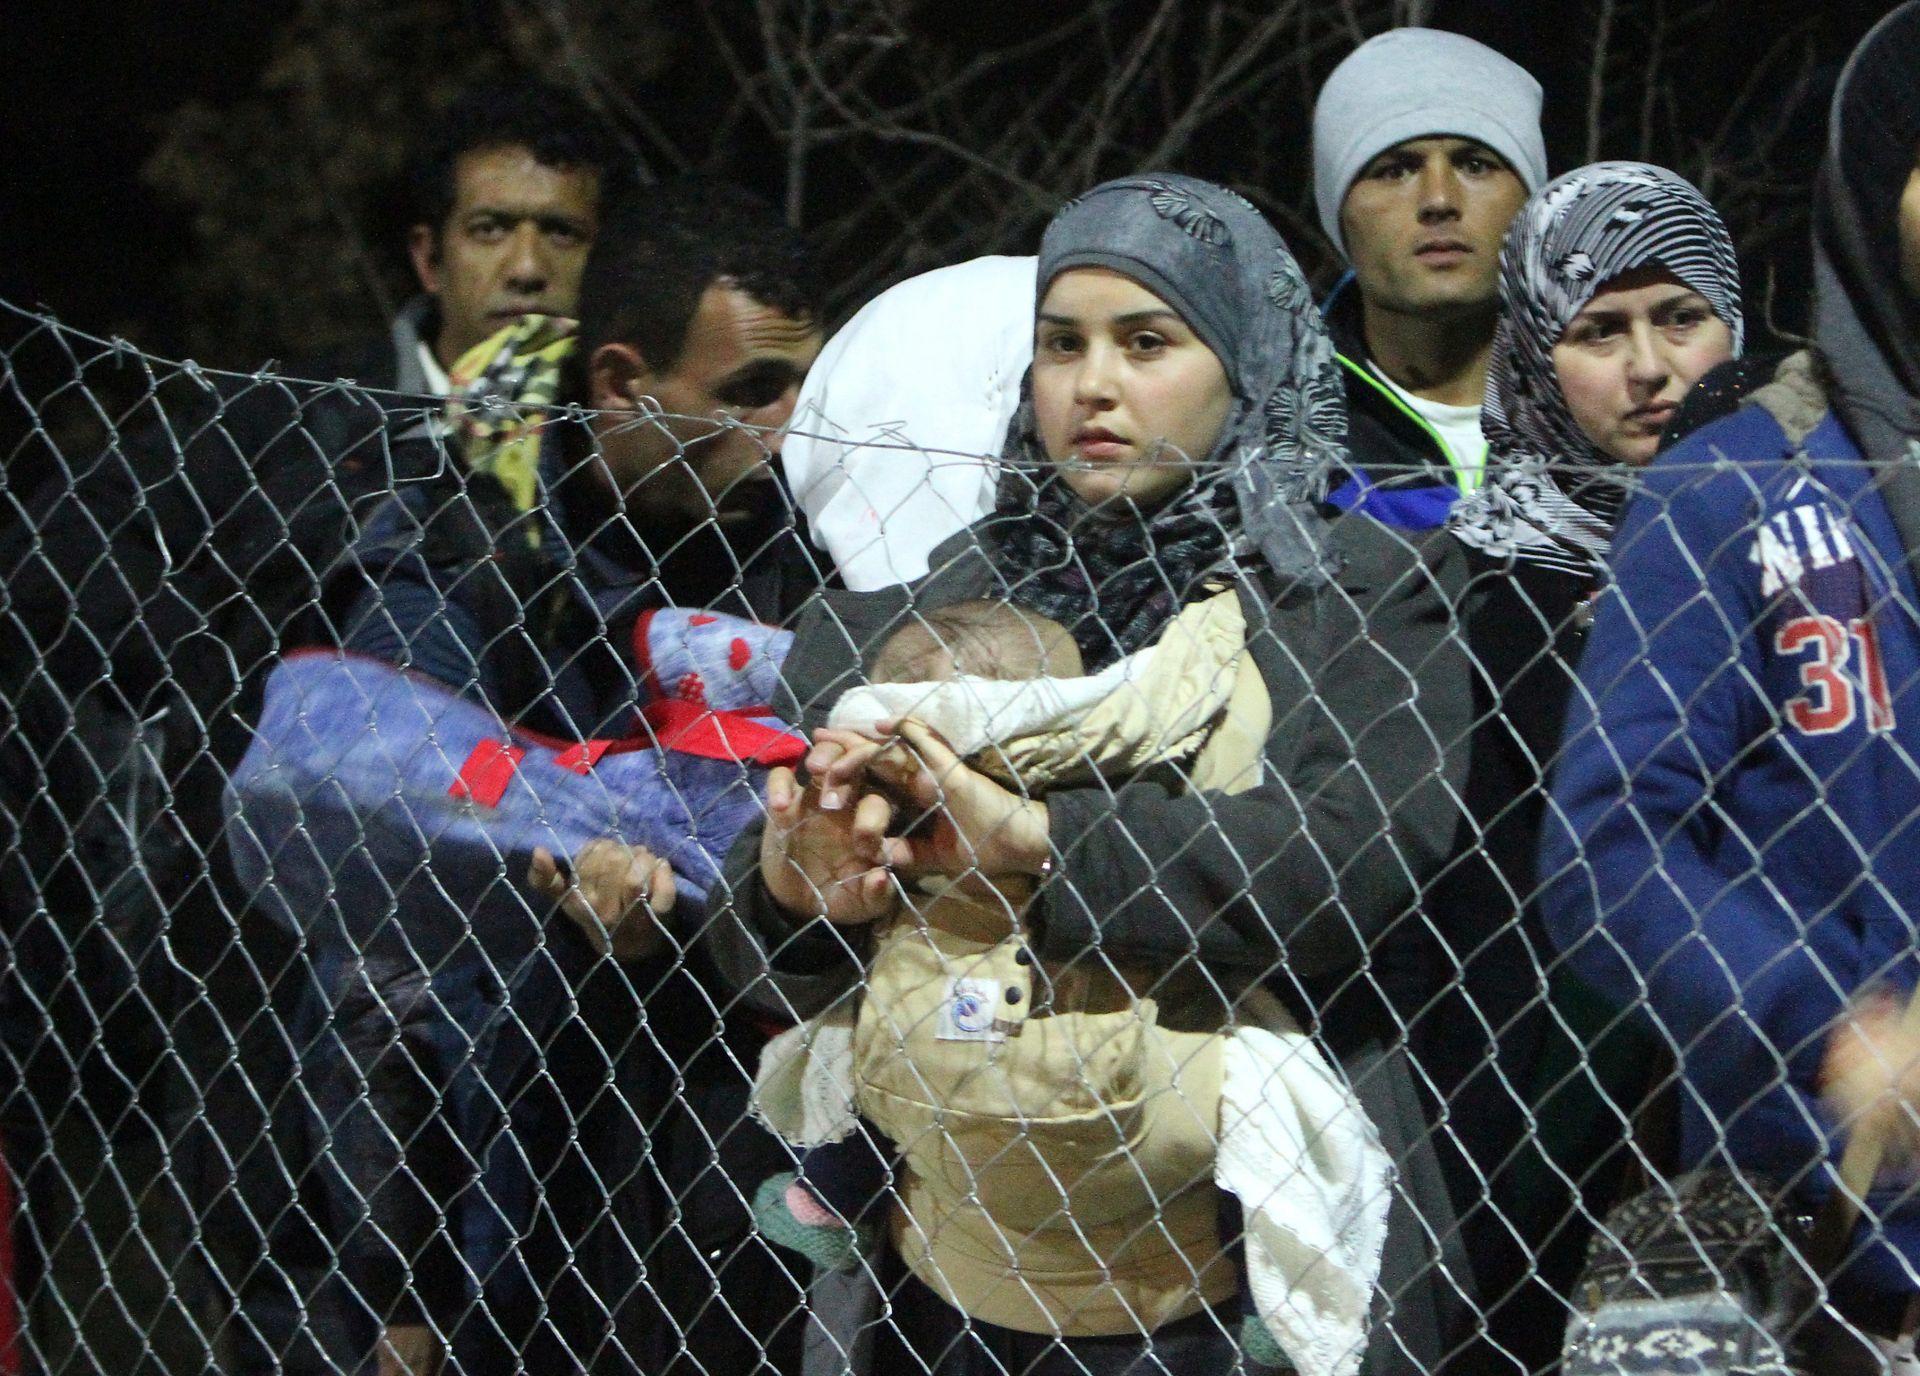 HUMANO I SUKLADNO ZAKONU: Srbija slijedi mjere zemalja na migrantskoj ruti